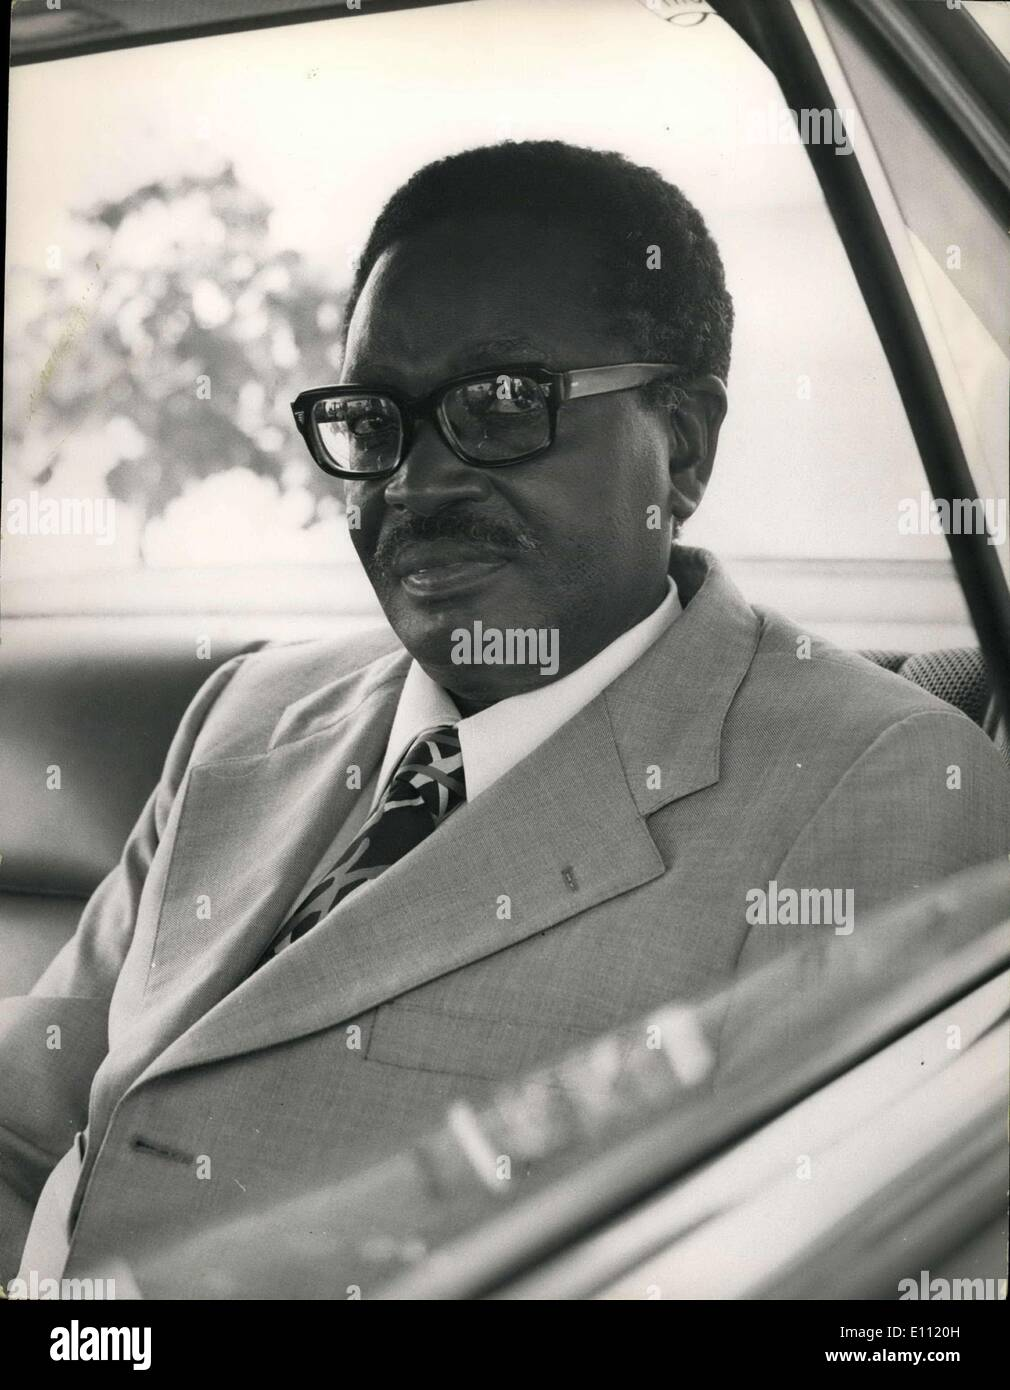 14 gennaio 1975 - Angola: due documenti turh la loro attenzione agli eventi in Africa. I tempi examins declarationof l indipendenza dal locale movimento di liberazione di Cabinda whuch dice ''è un'altra indicazione sia dell'Angola di disintegrazione e di aumentare la partecipazione da parte di potenze esterne nella sua diffusione la guerra civile''. Riferendosi al enclave di reddito, i tempi syas indipendenza avrebbe messo i suoi ottanta mila residenti nell'olio classe shiekhdom Immagini Stock